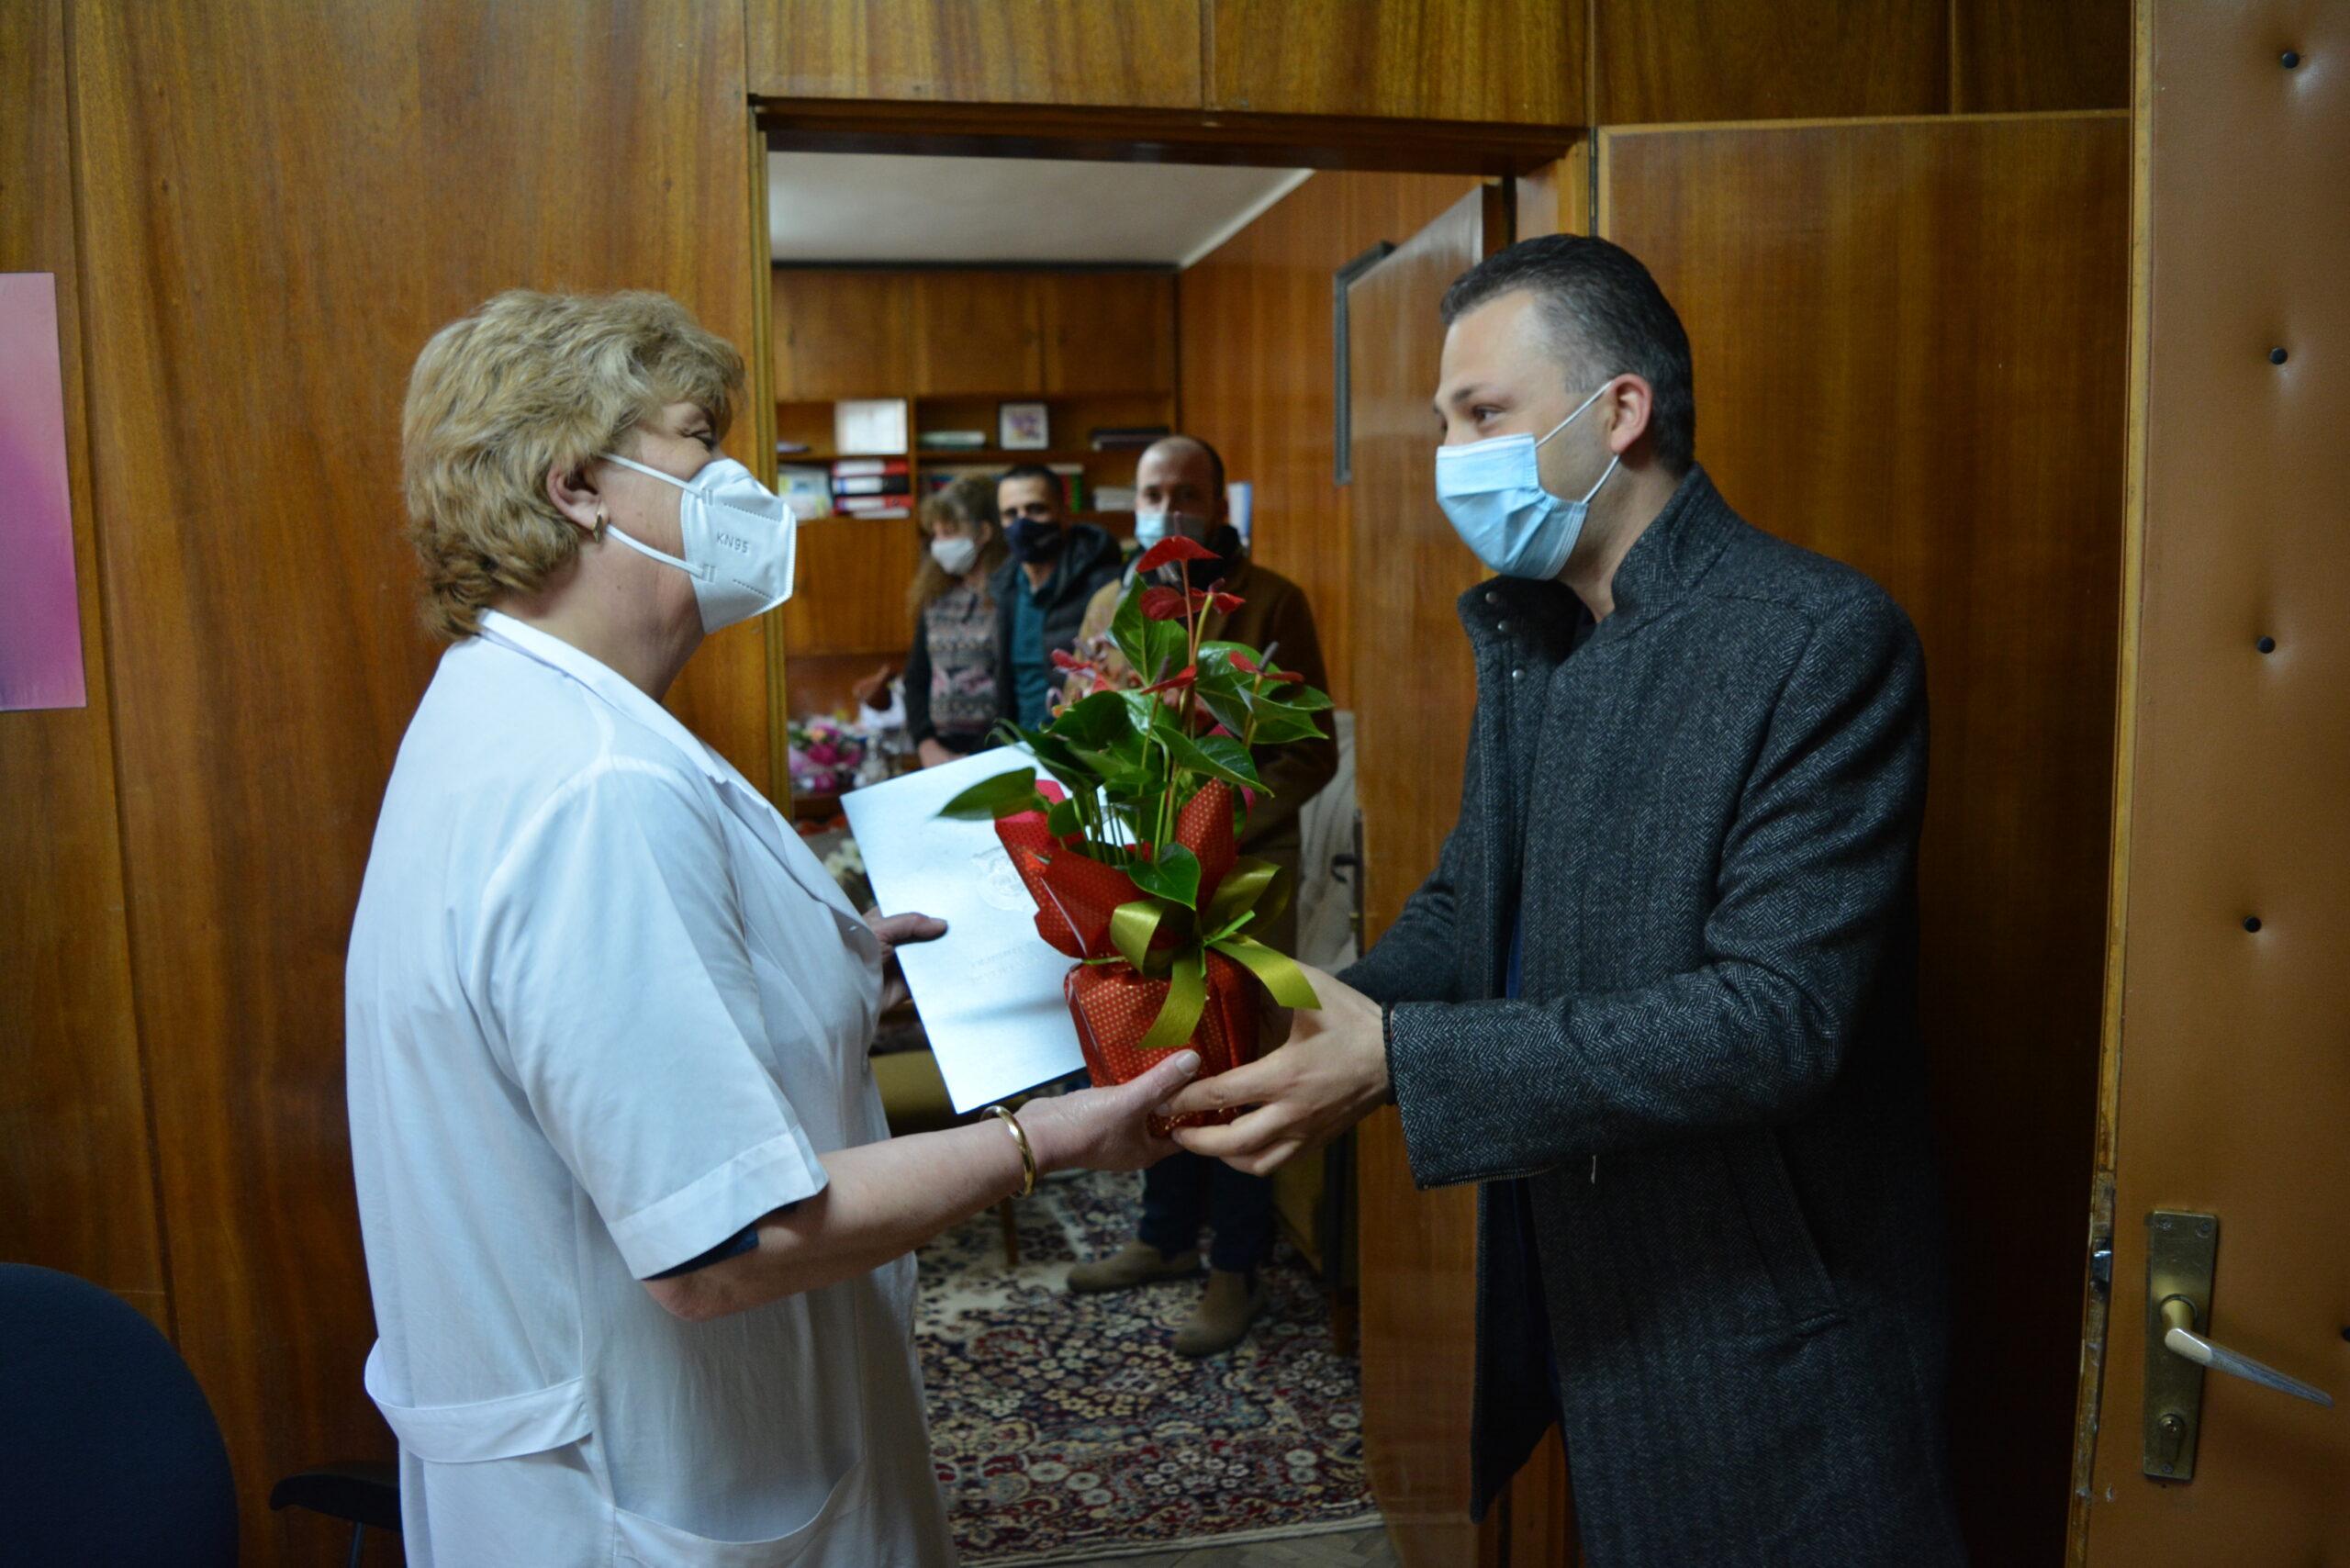 Медиците от МБАЛ-Павликени почетоха с минута мълчание и вой на сирени загиналите от Covid-19 свои колеги